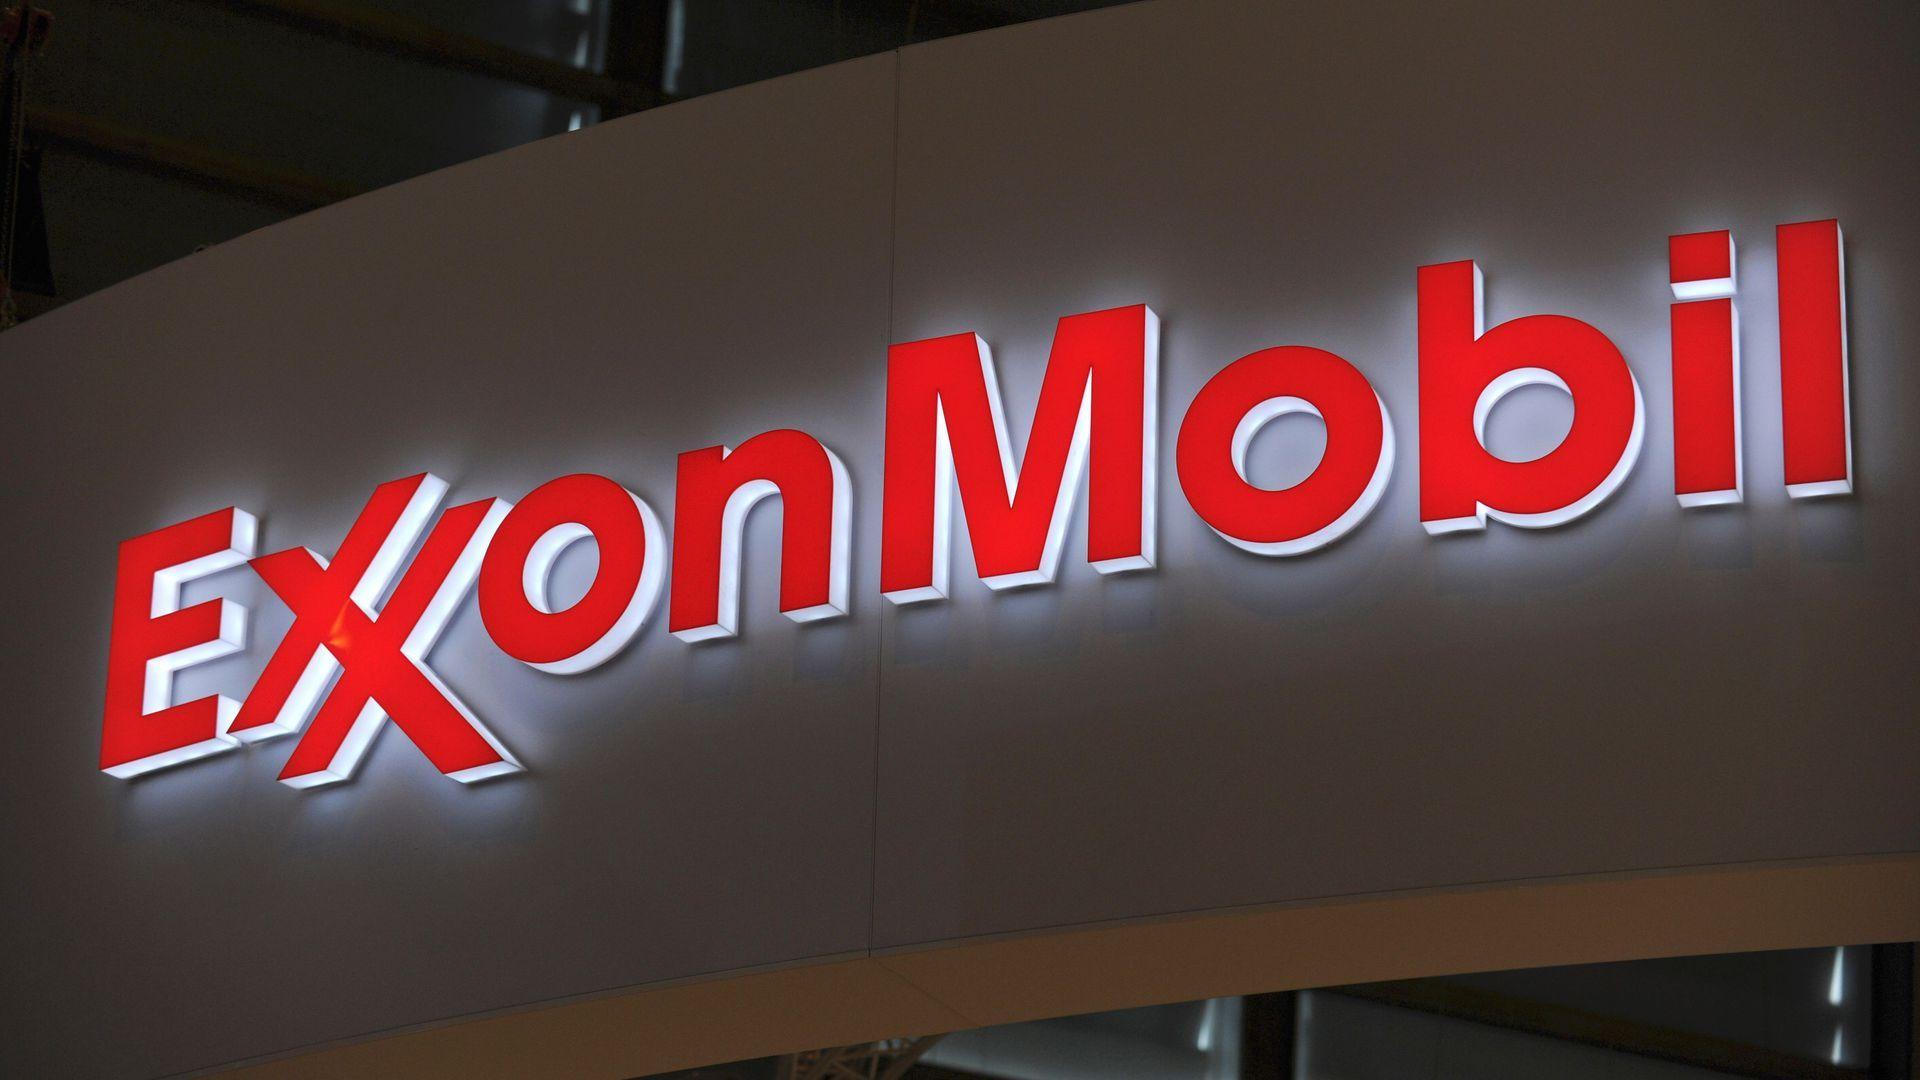 Exxon Mobil sign